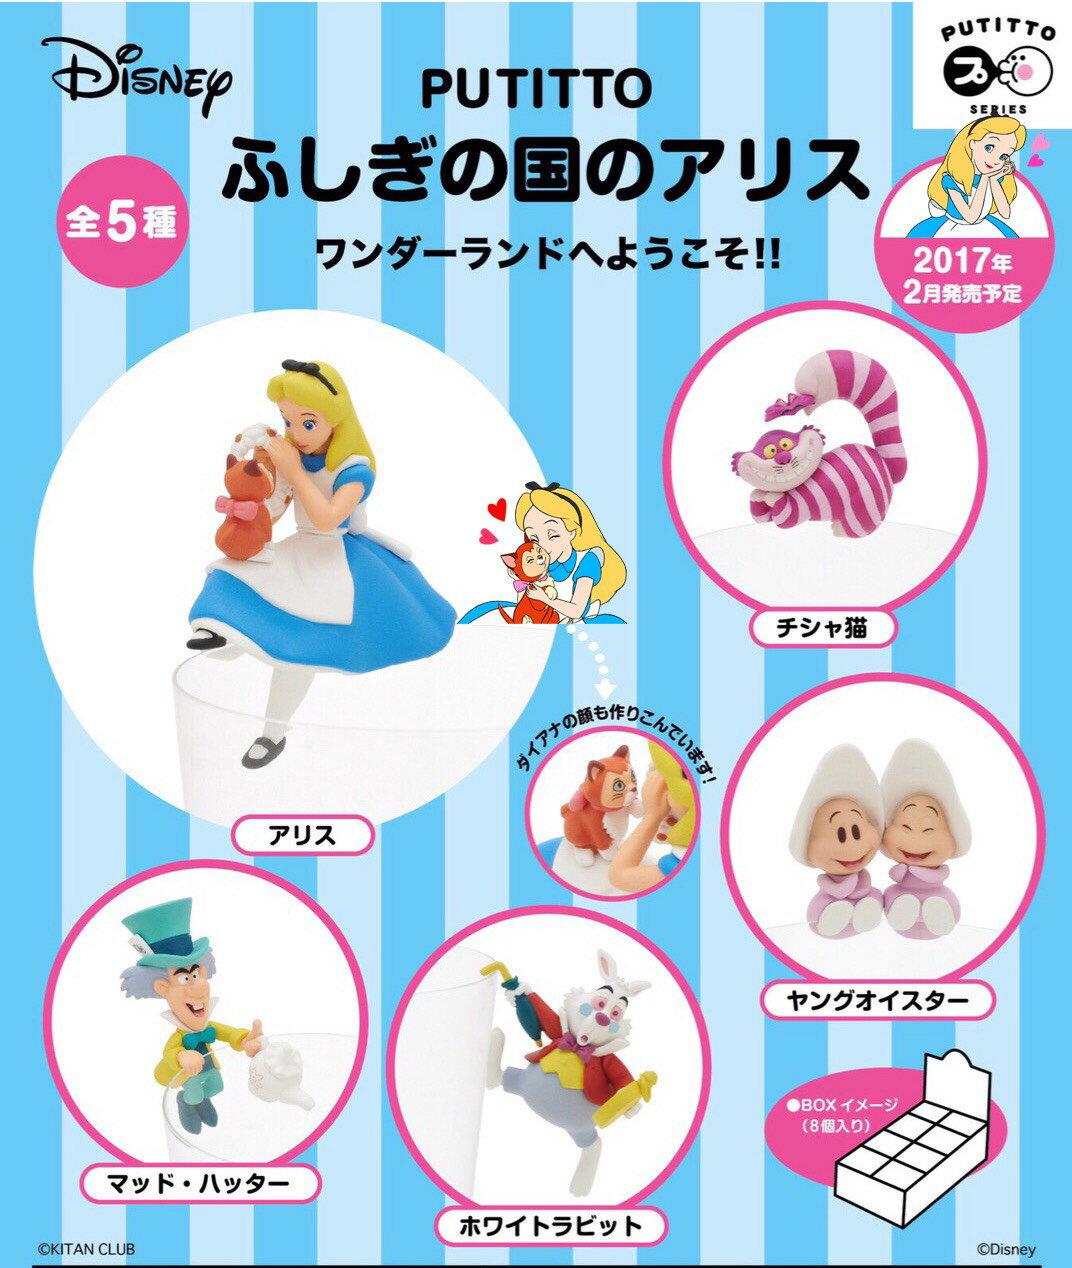 【真愛日本】愛麗絲夢遊仙境 杯緣子 8入   迪士尼 愛麗絲夢遊仙境  杯緣子 療癒小物 裝飾 公仔